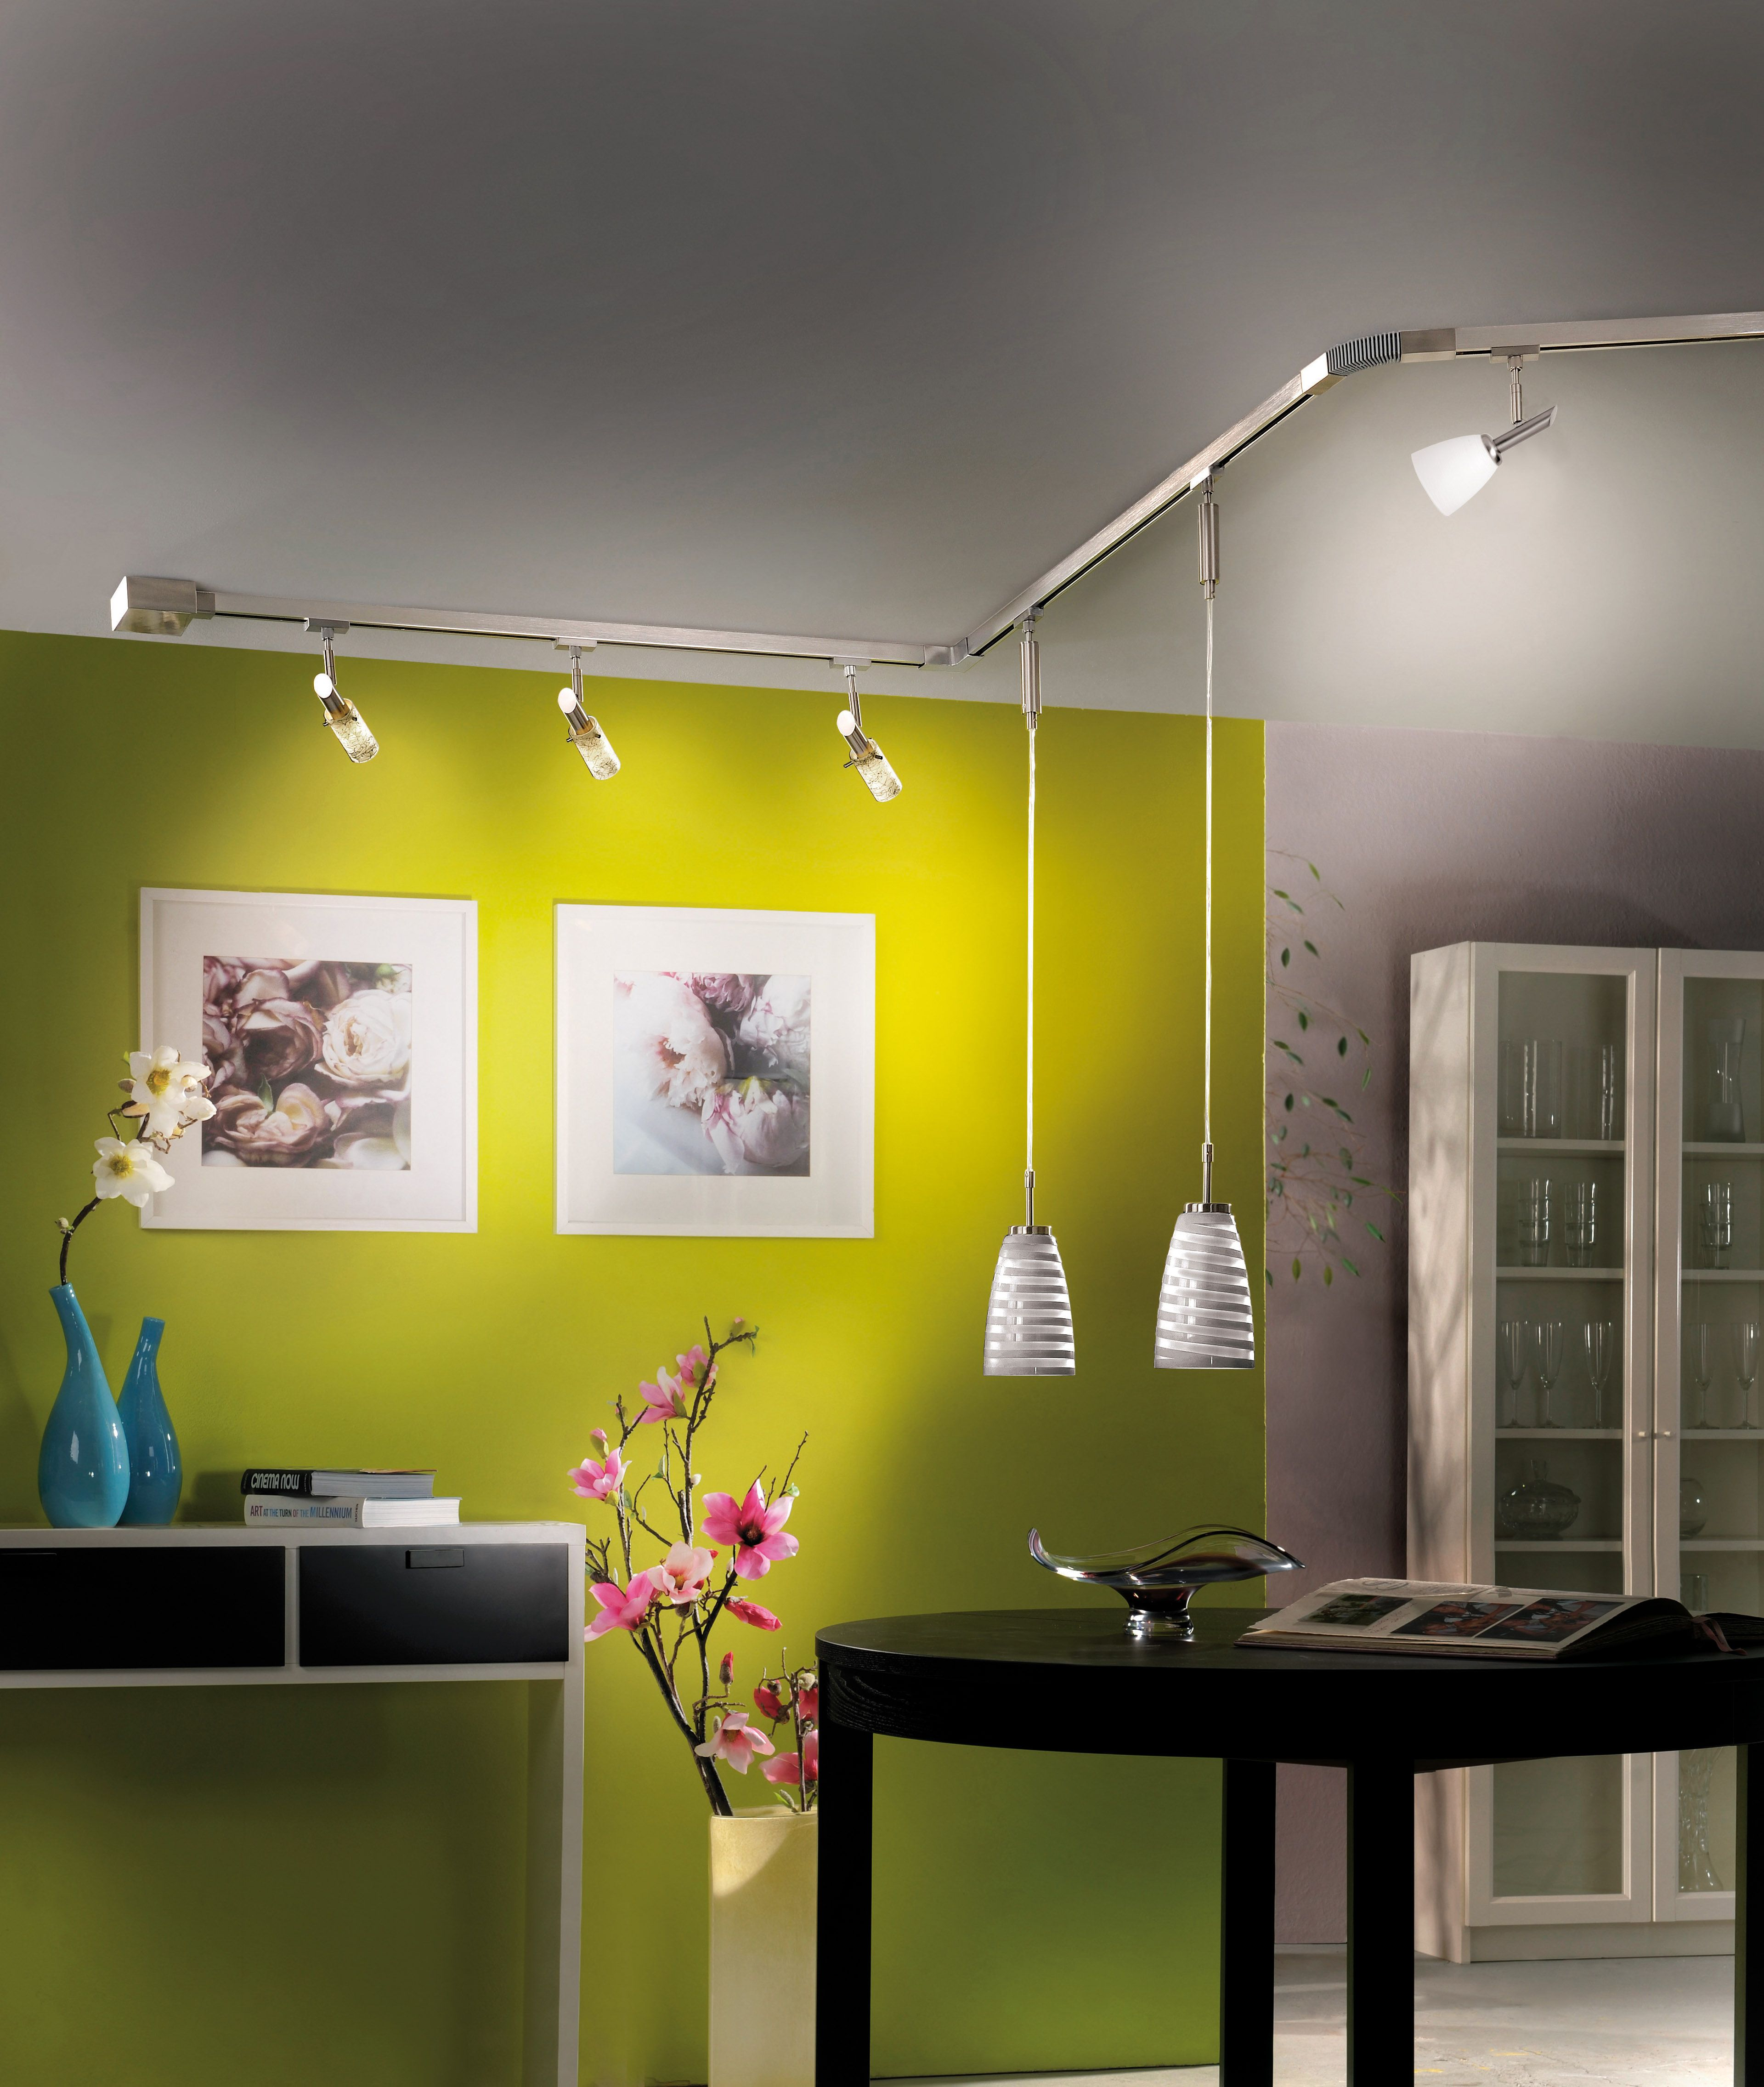 Ein Schienensystem Mit Dem Gutes Licht Fahrt Aufnimmt Led Beleuchtung Wohnzimmer Beleuchtung Wohnzimmer Gemutliches Wohnen